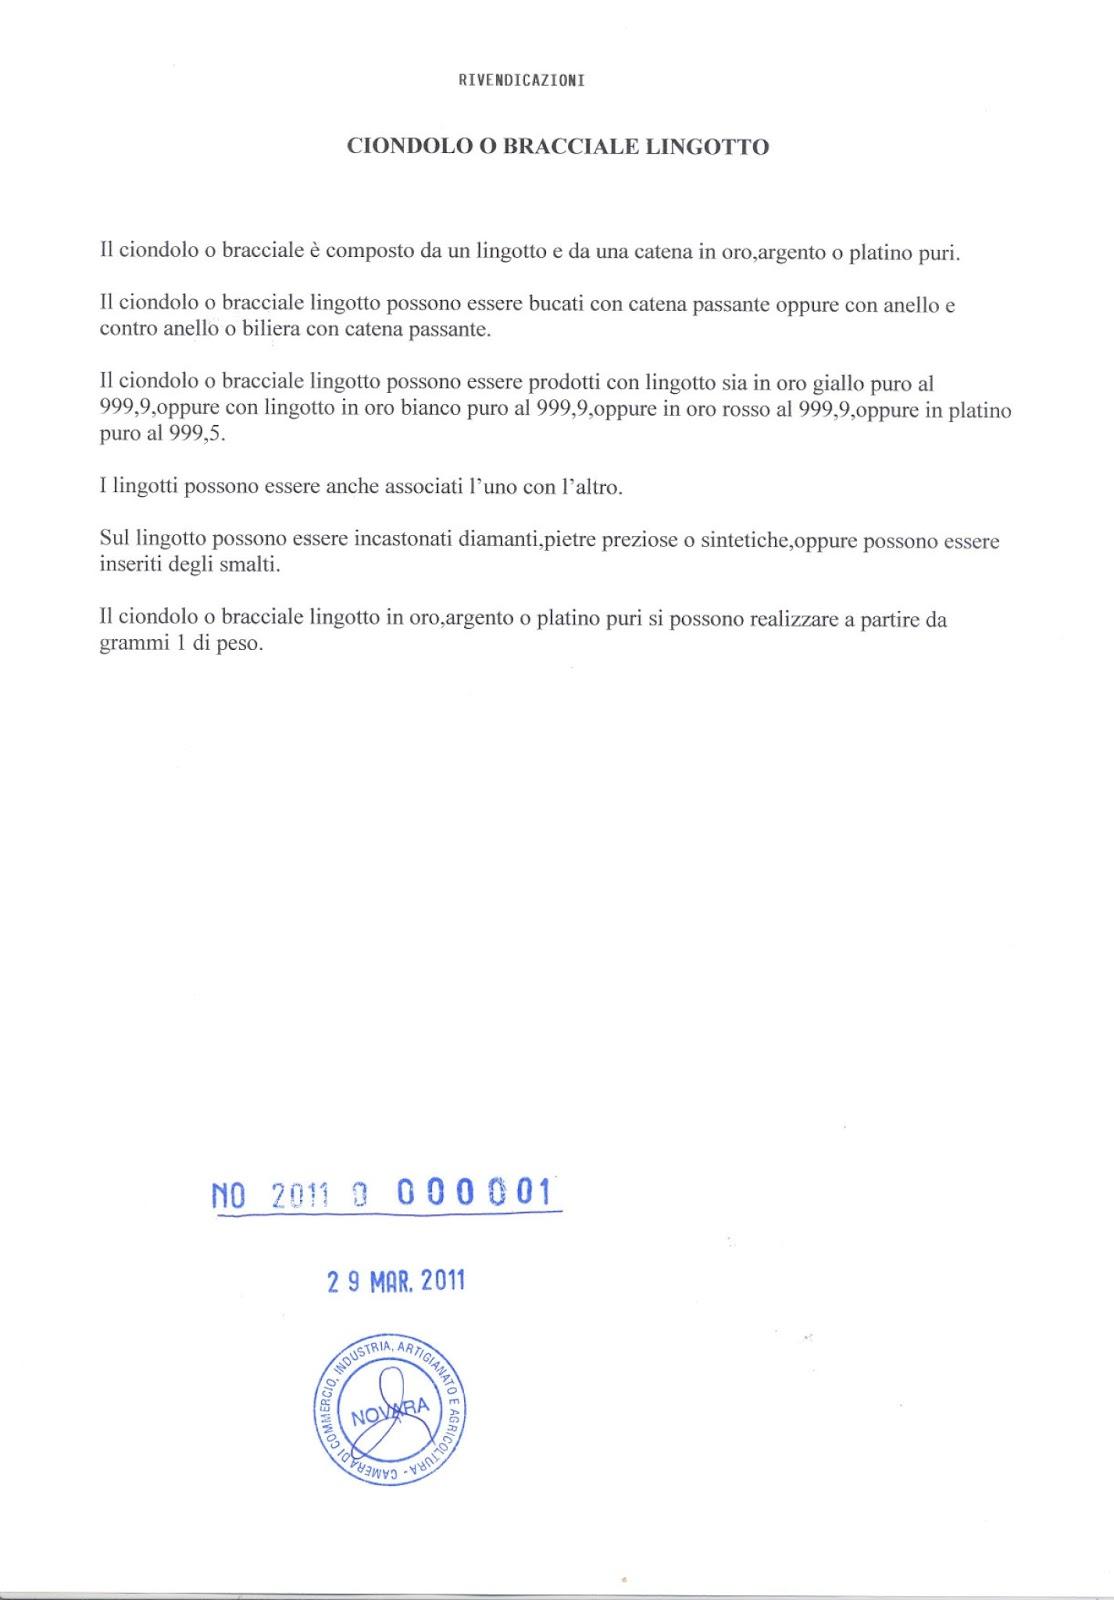 Brevetto Ciondoli e Bracciali con Lingotti by Gianfranco